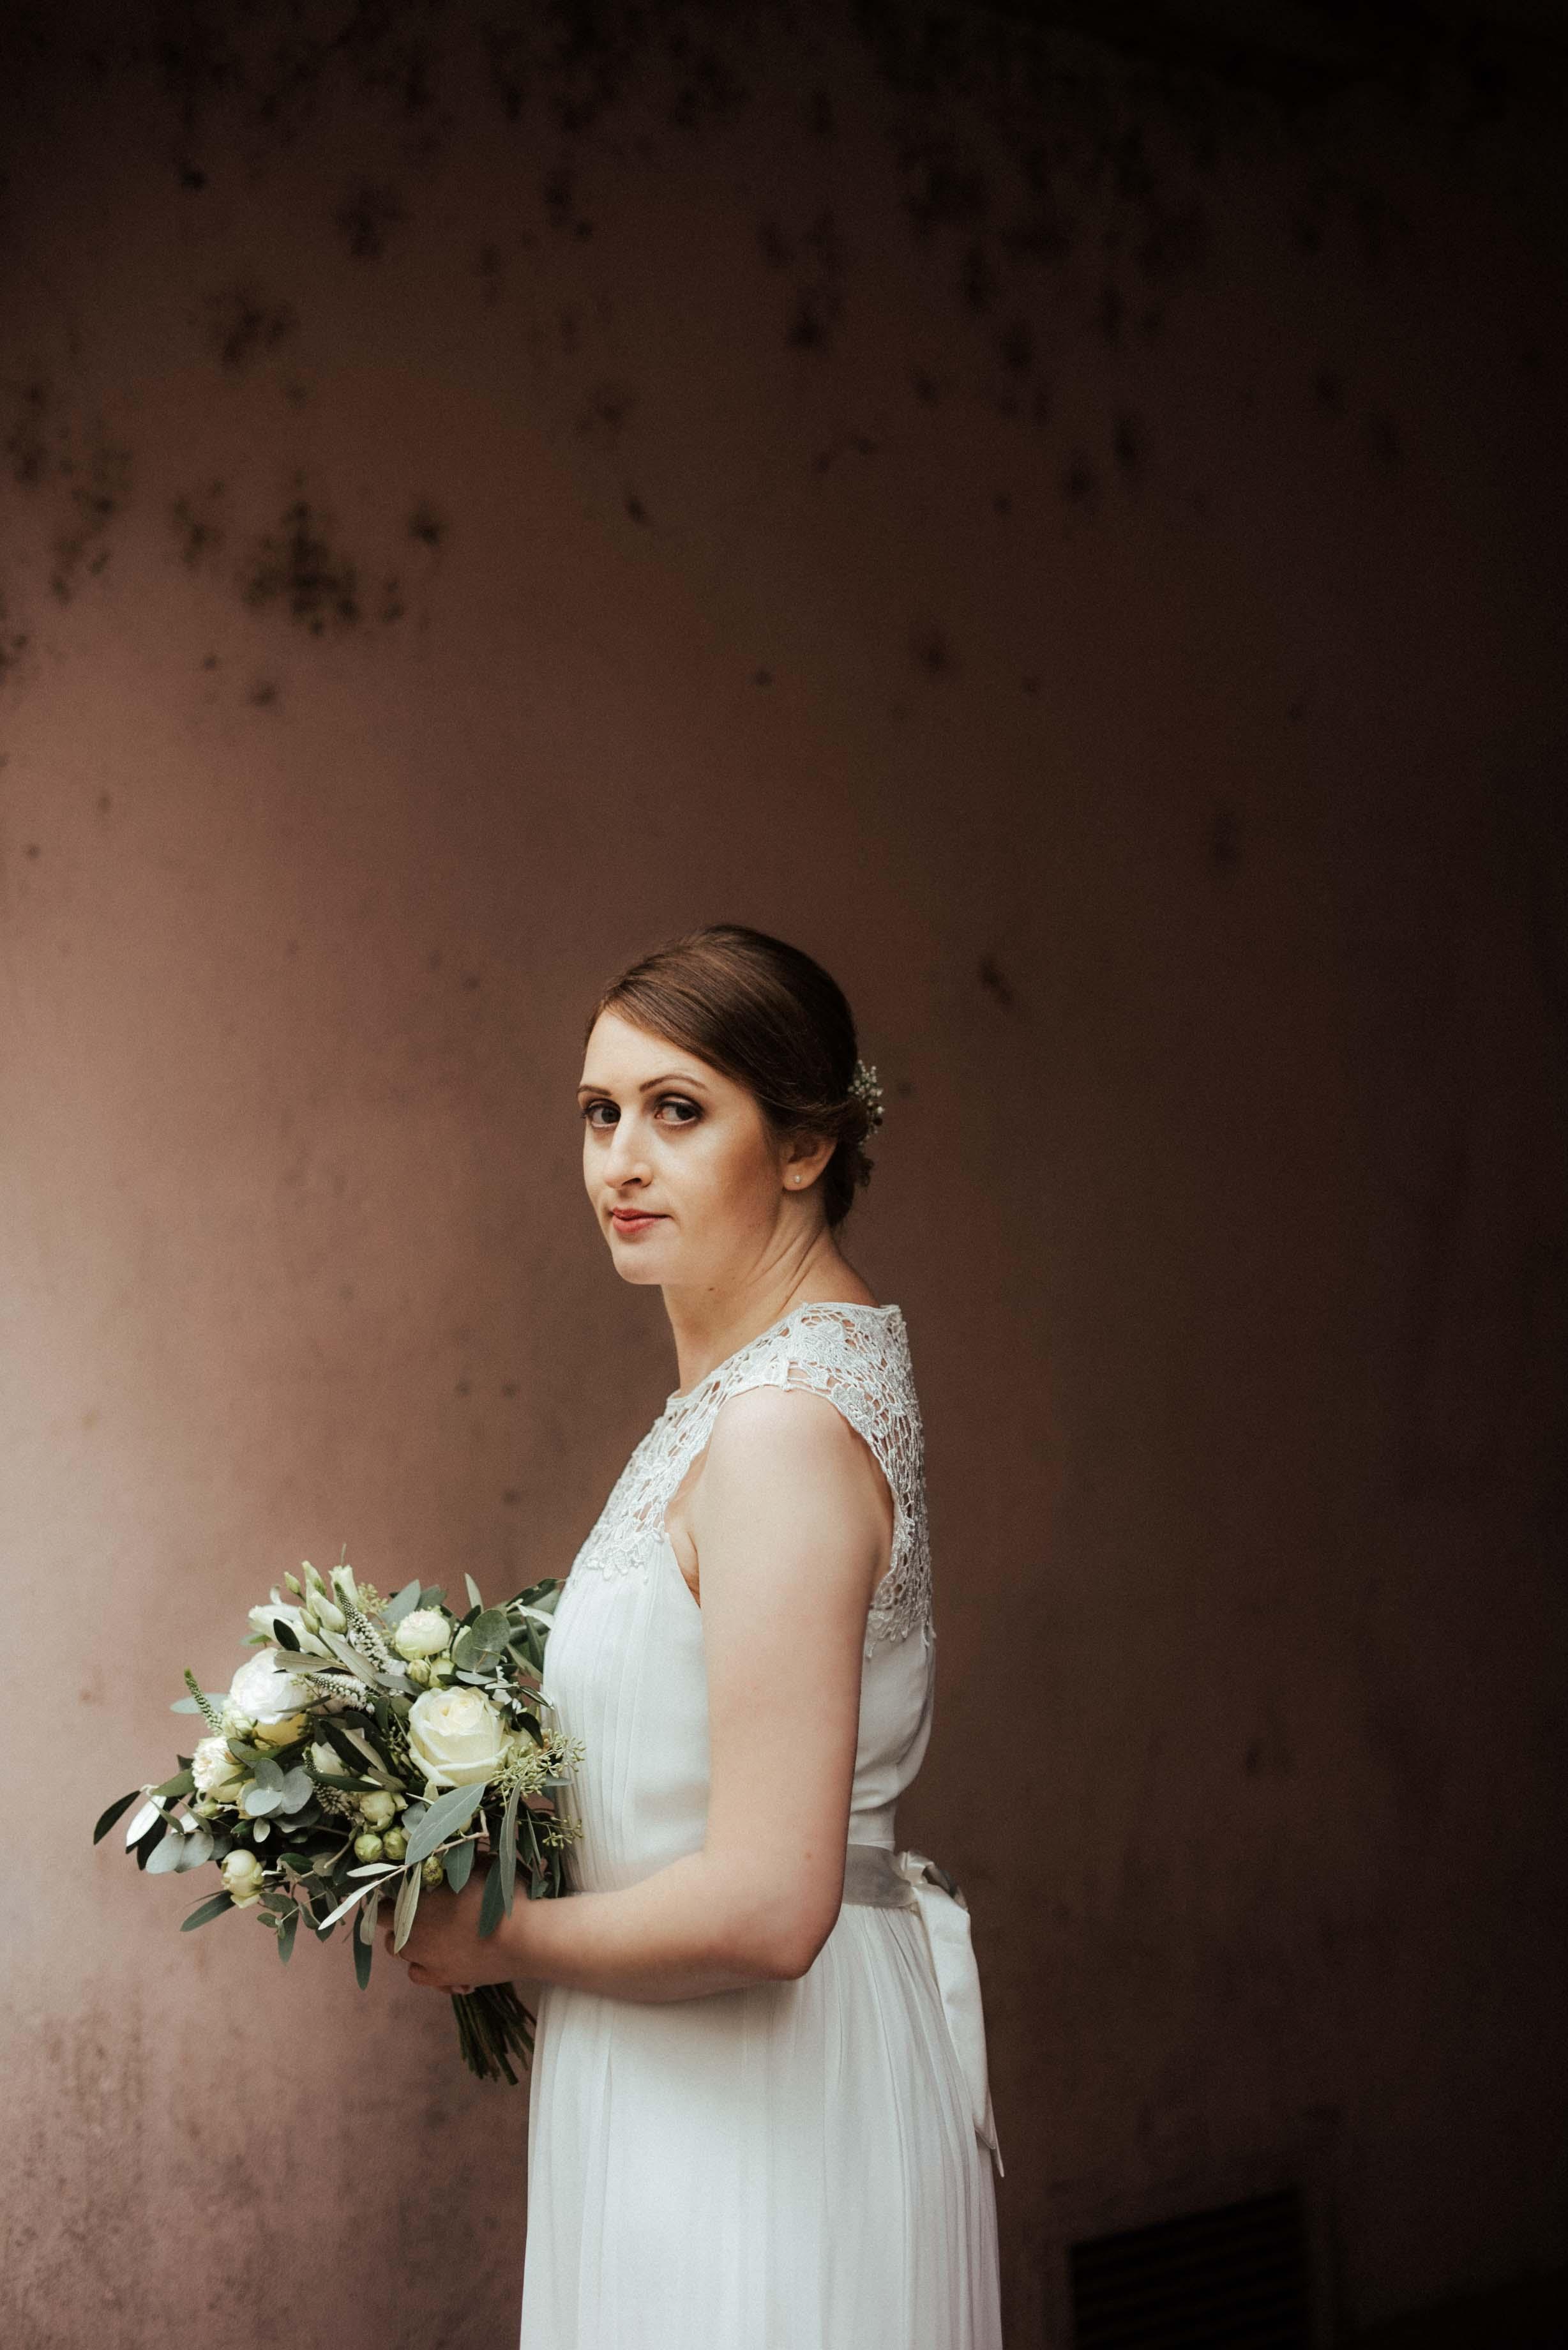 Standesamt Köln Altstadt Hochzeitsfotograf_ Oh Lucy Wedding Photography-20.jpg